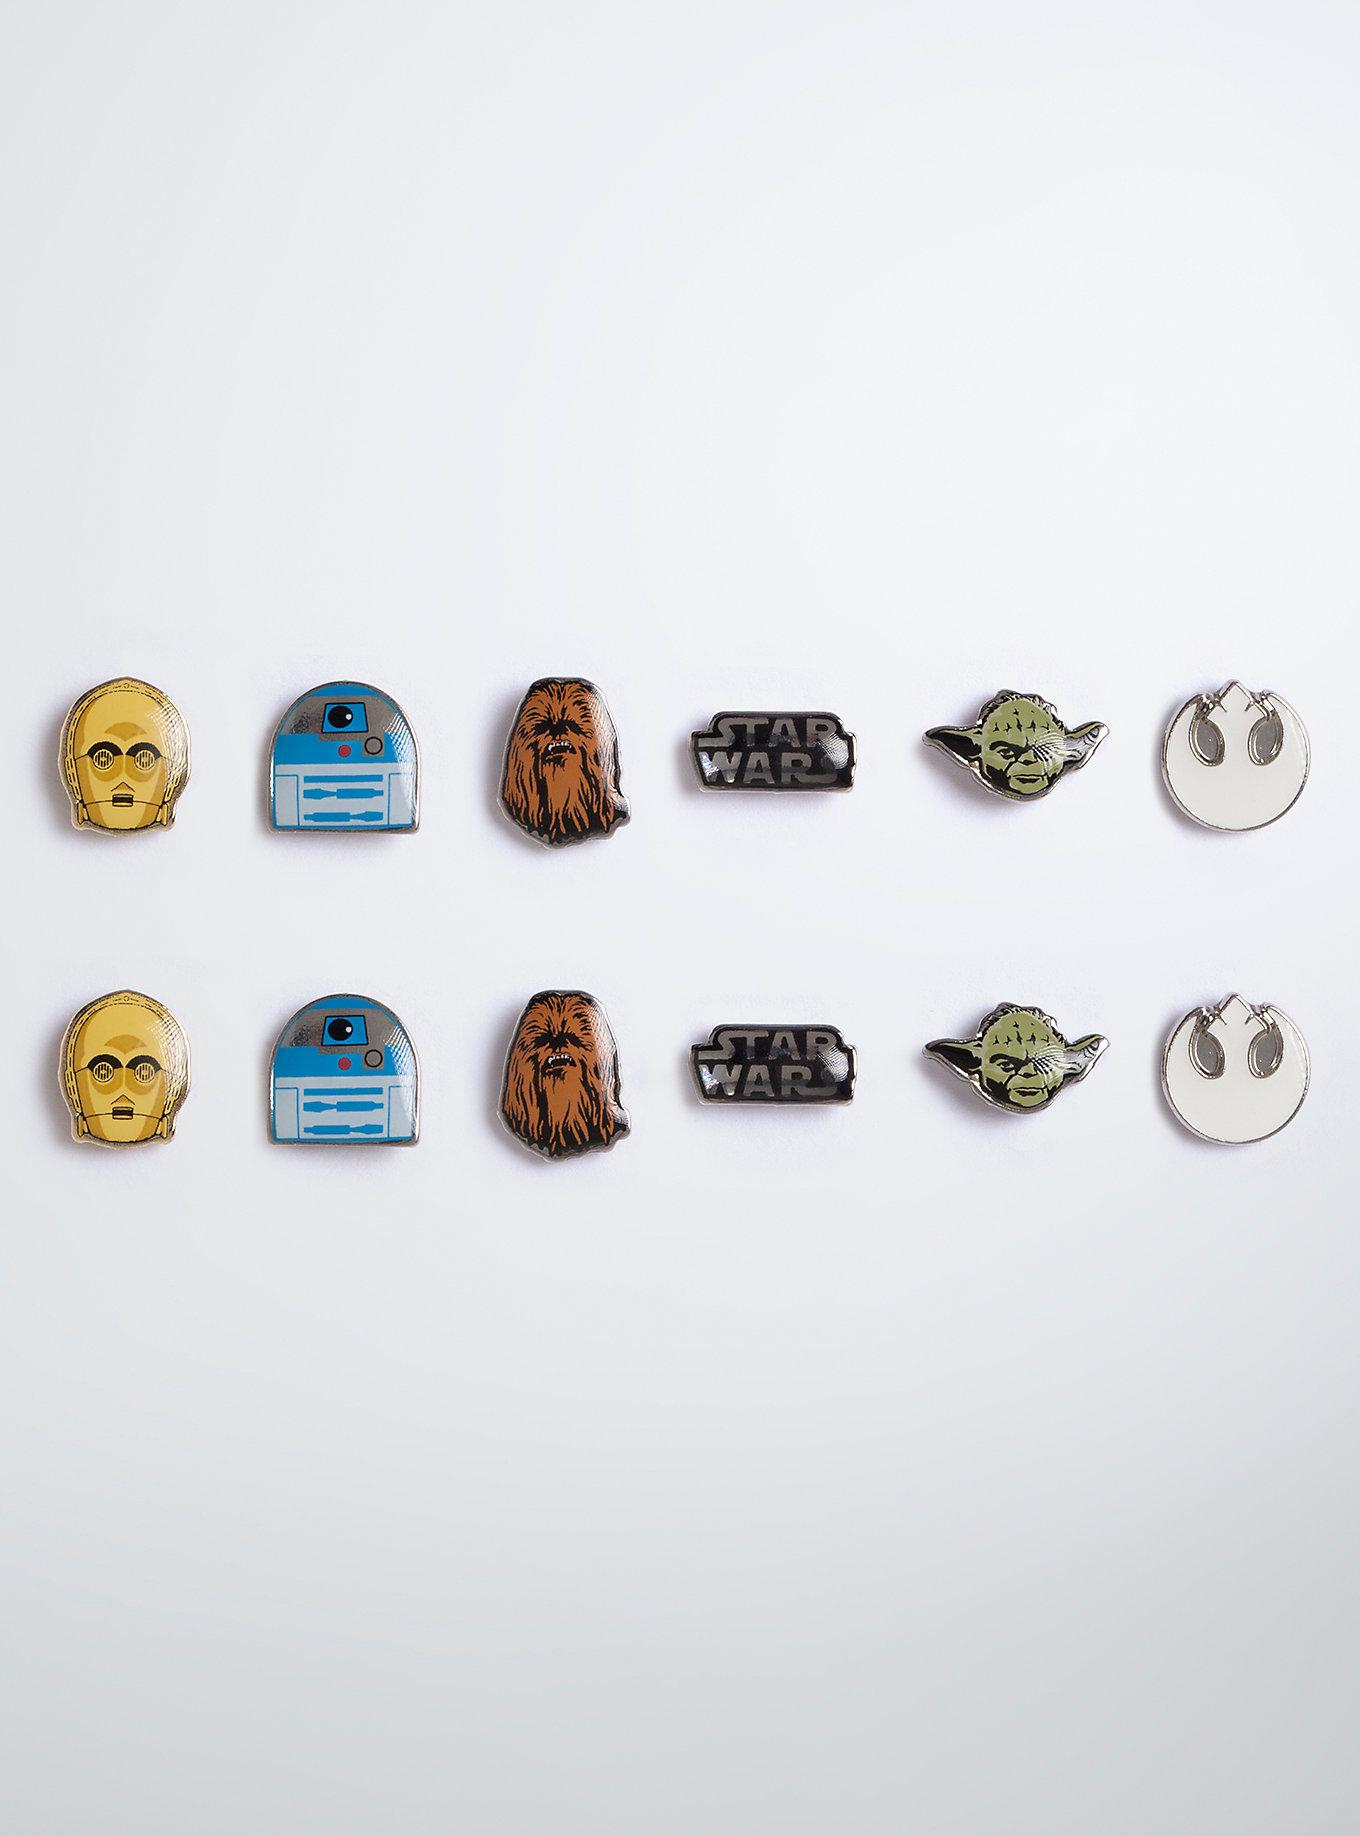 Star Wars Earrings